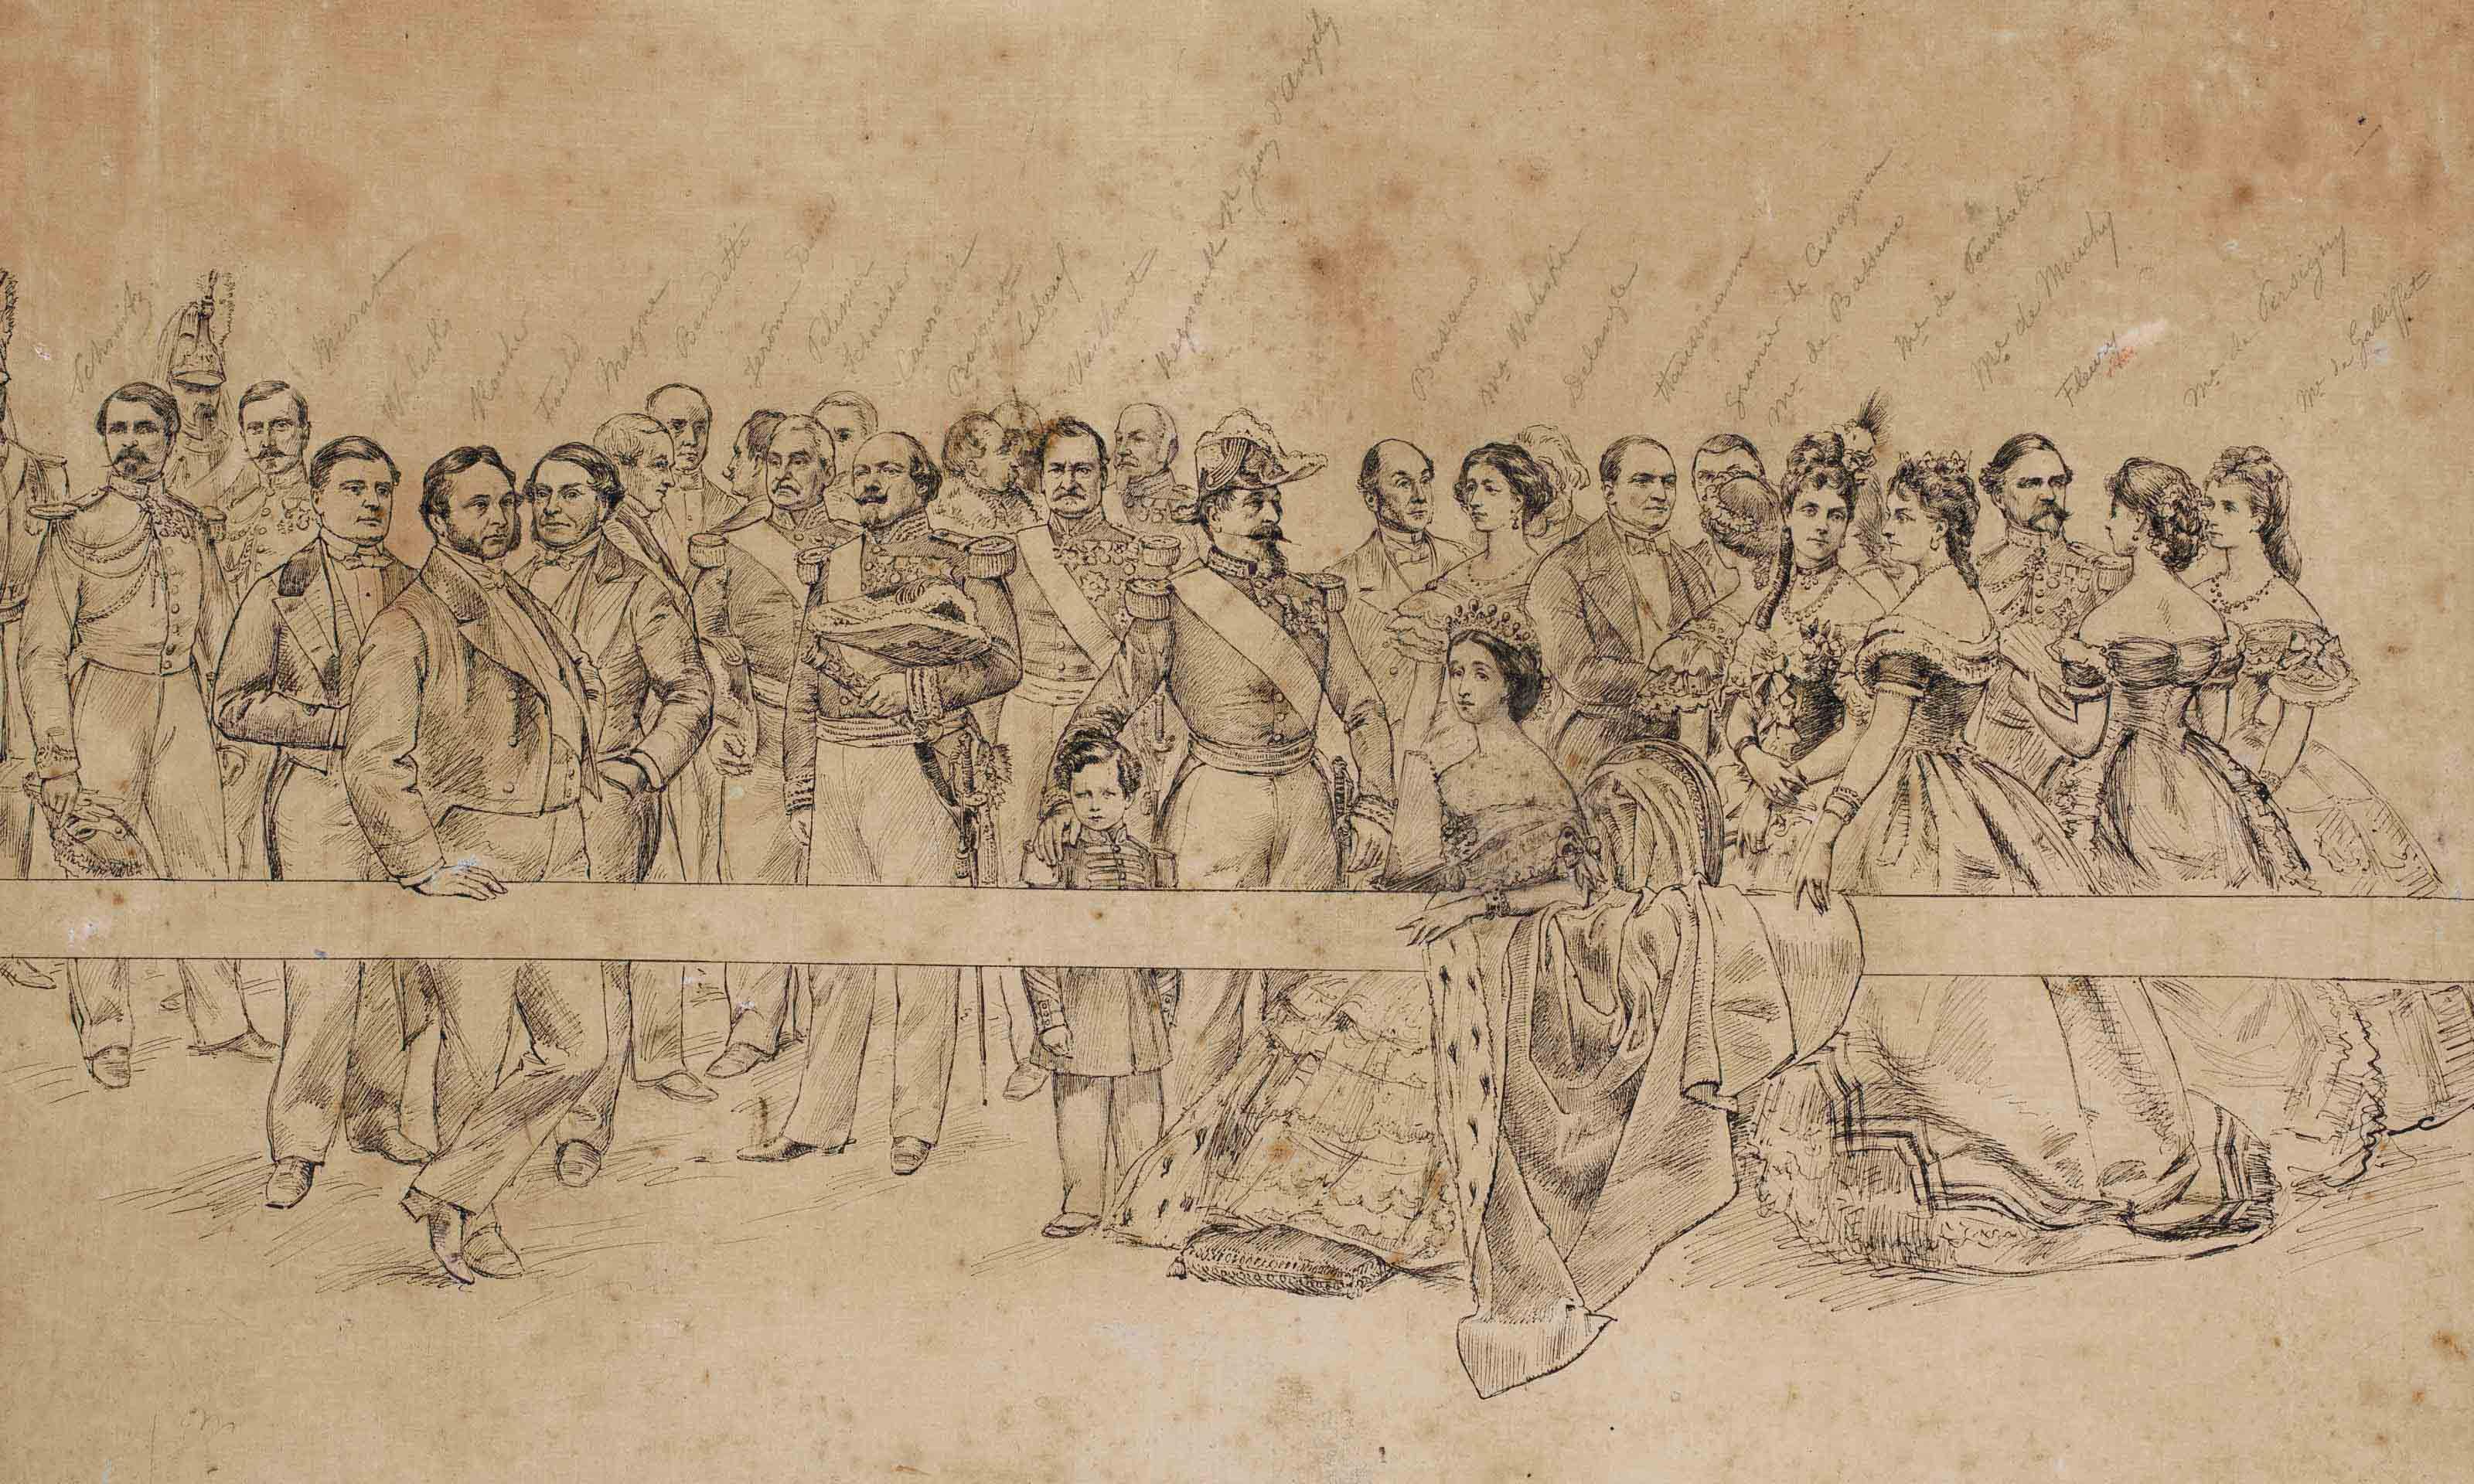 L'Impératrice Eugénie entourée de personnalités de la cour de Napoléon III dont Eugène Fould